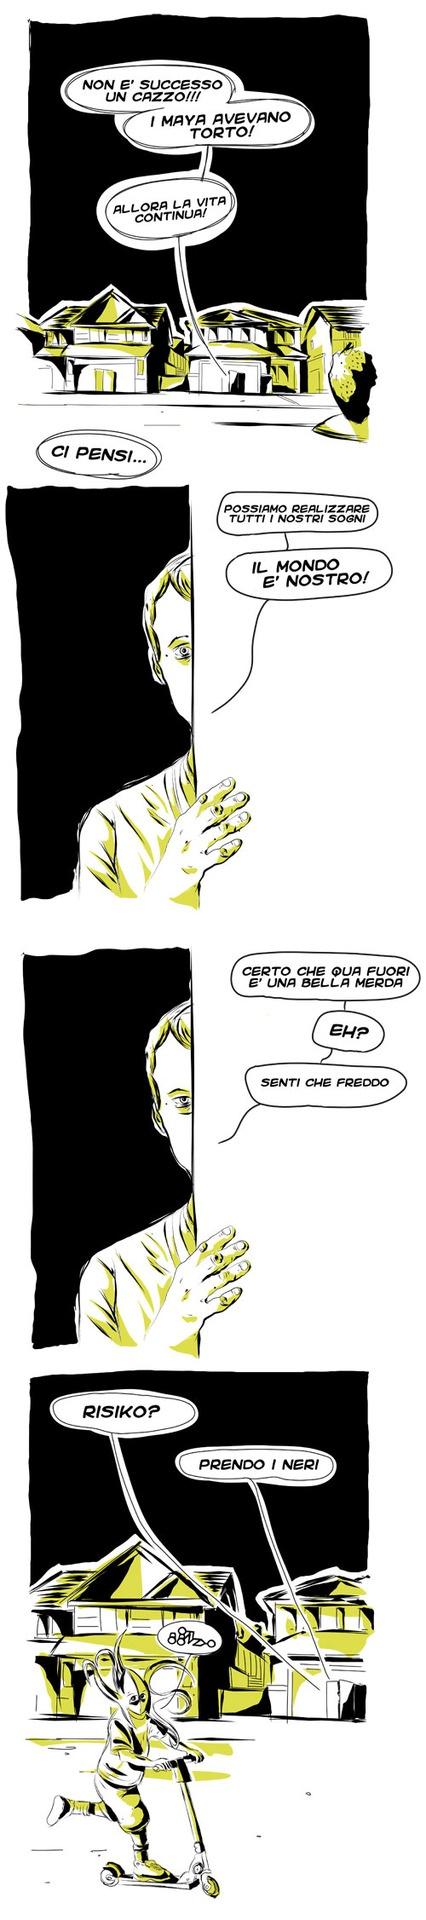 Fine del mondo 2012 #maya #bambino #alieno #risiko #ottimismo #finedelmondo #calendario #comics #vignette #fumetti #giallo #nero #illustration #fun